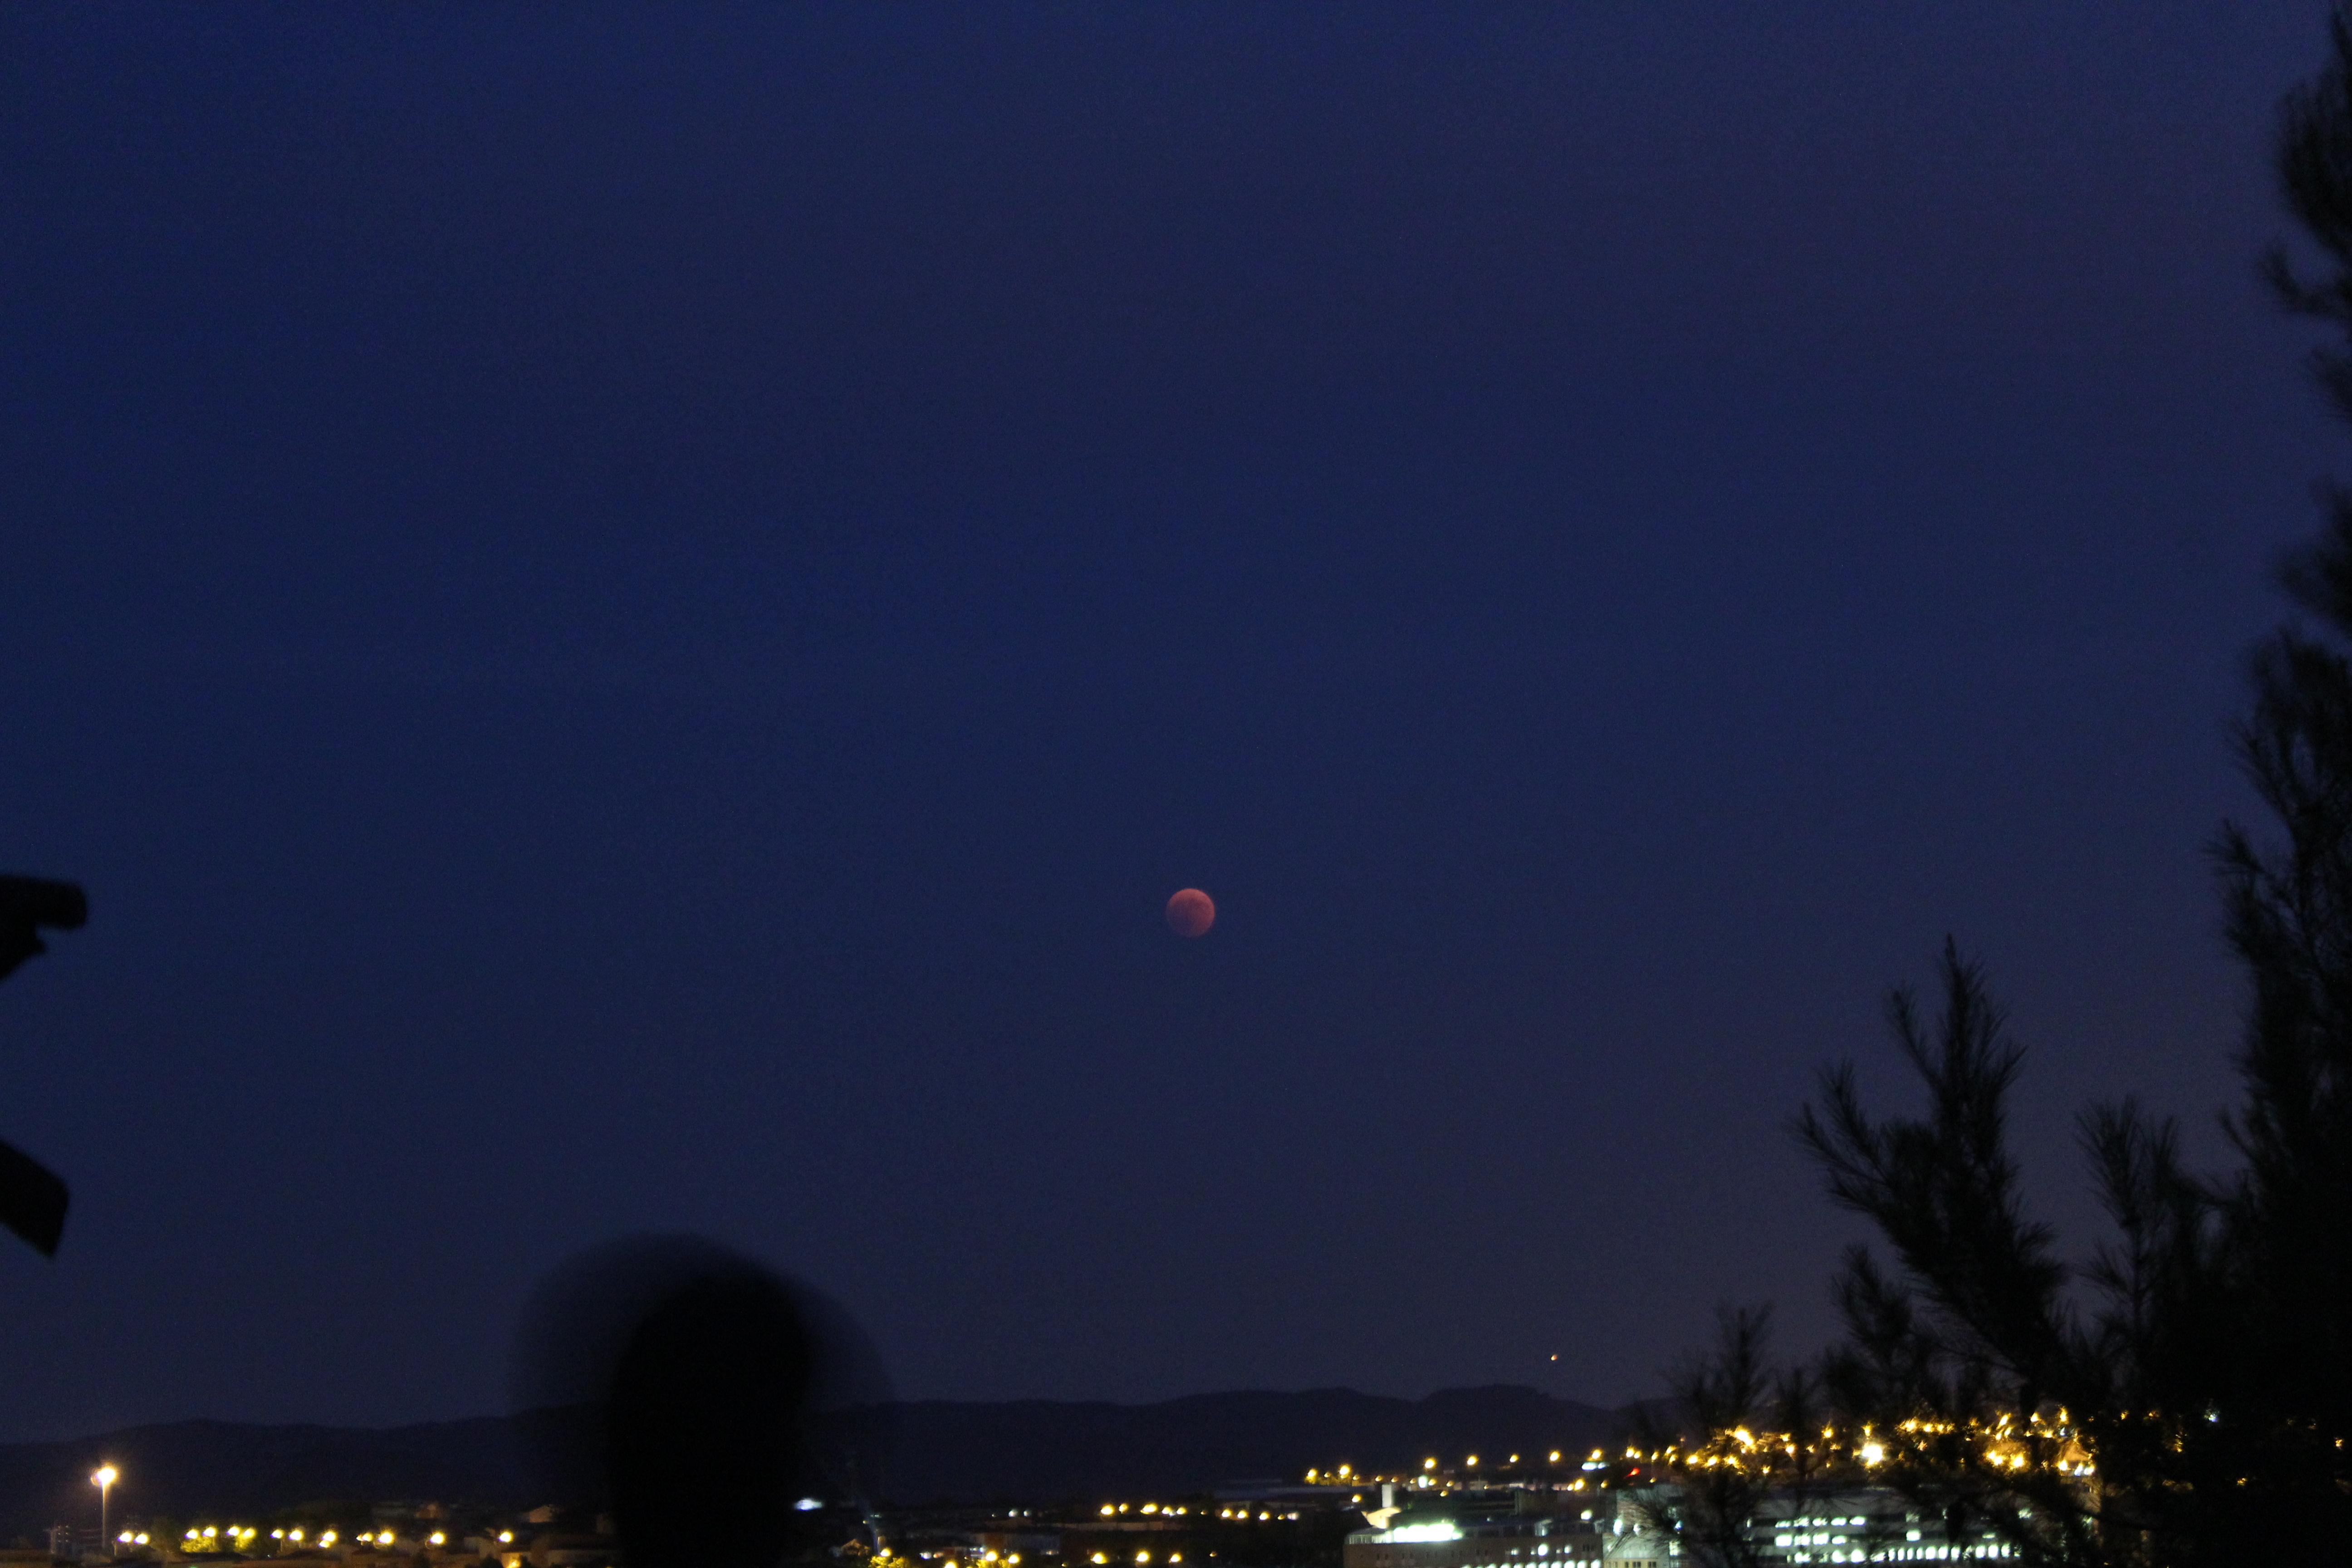 La Lluna i Mart de costat durant l'inici de l'eclipsi ( 21:59 ). 1 segon d'exposició amb ISO 1600, objectiu a 55mm i F/5.6.